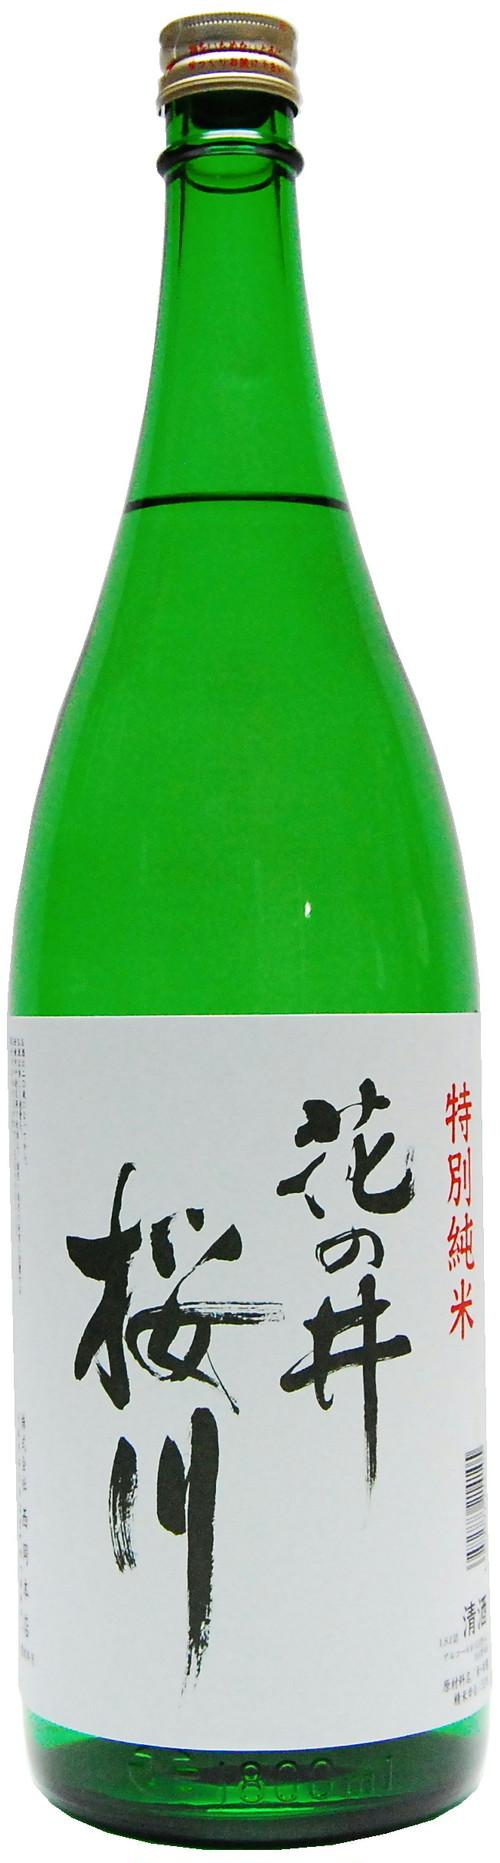 花の井 特別純米酒 桜川 720ml